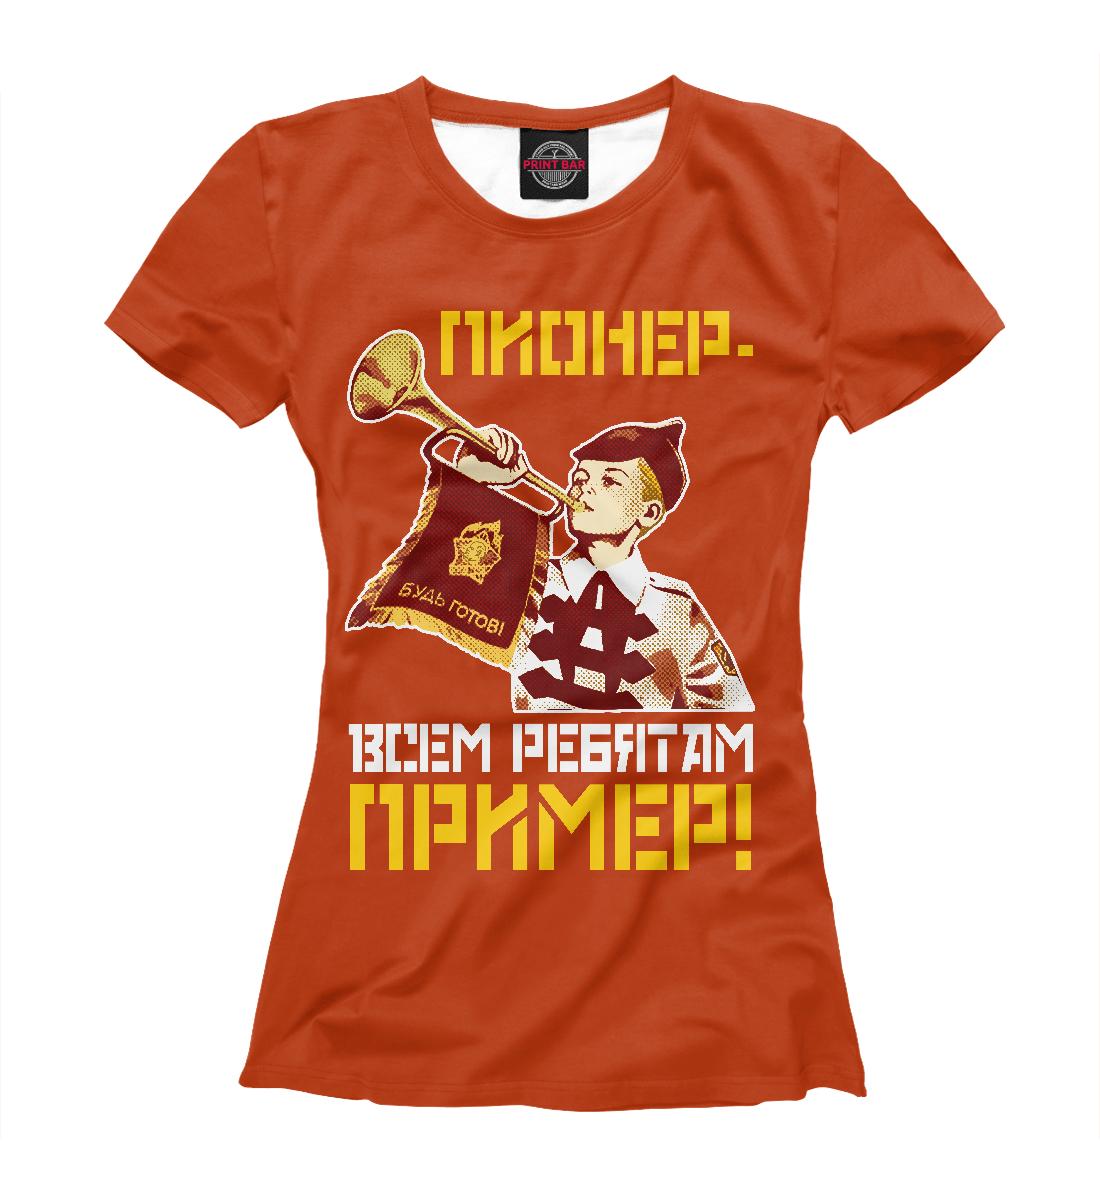 Купить Пионер- всем ребятам пример!, Printbar, Футболки, SSS-352192-fut-1